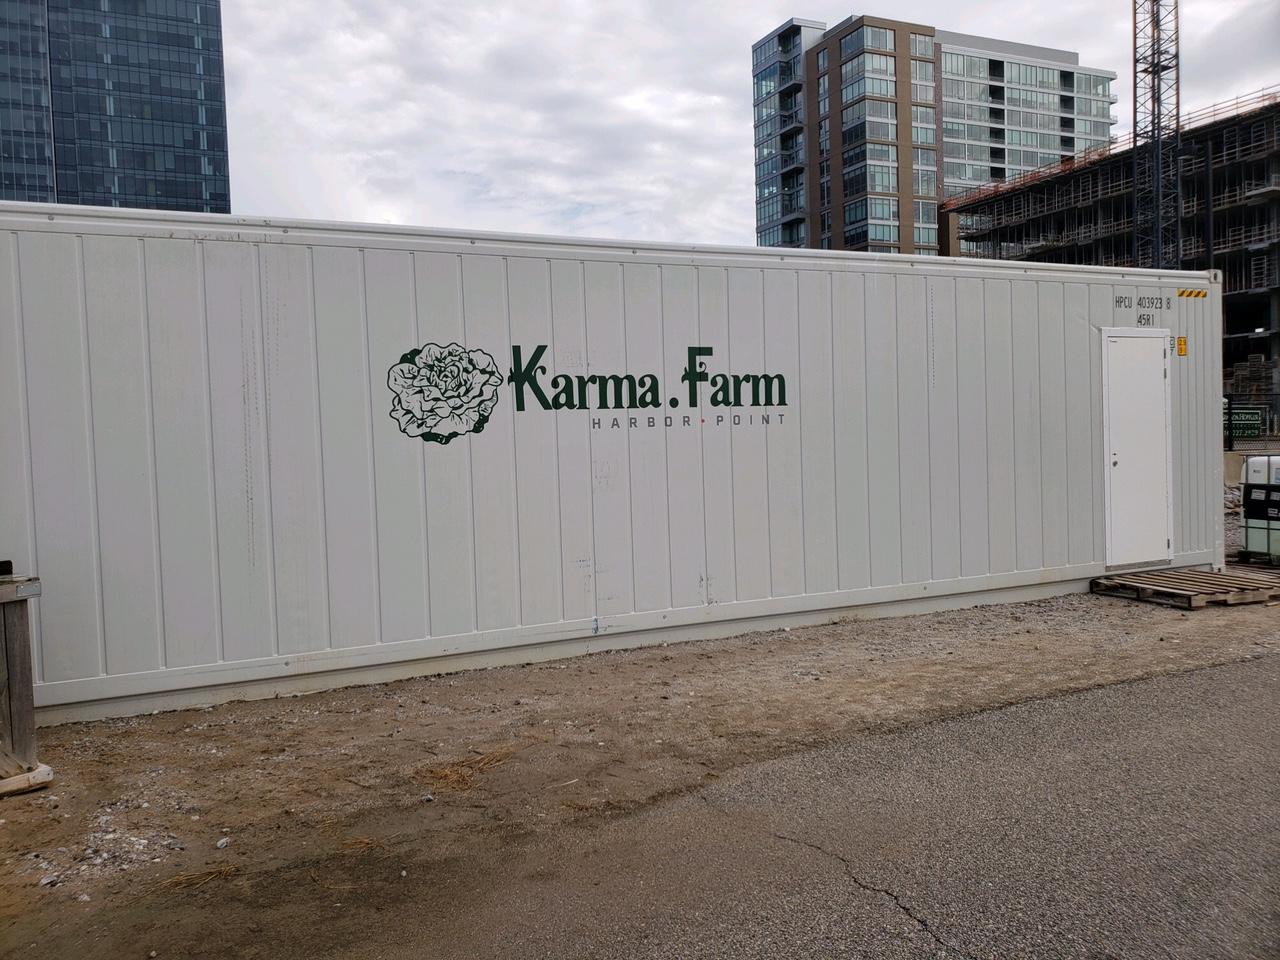 Cut vinyl for Karma Farms